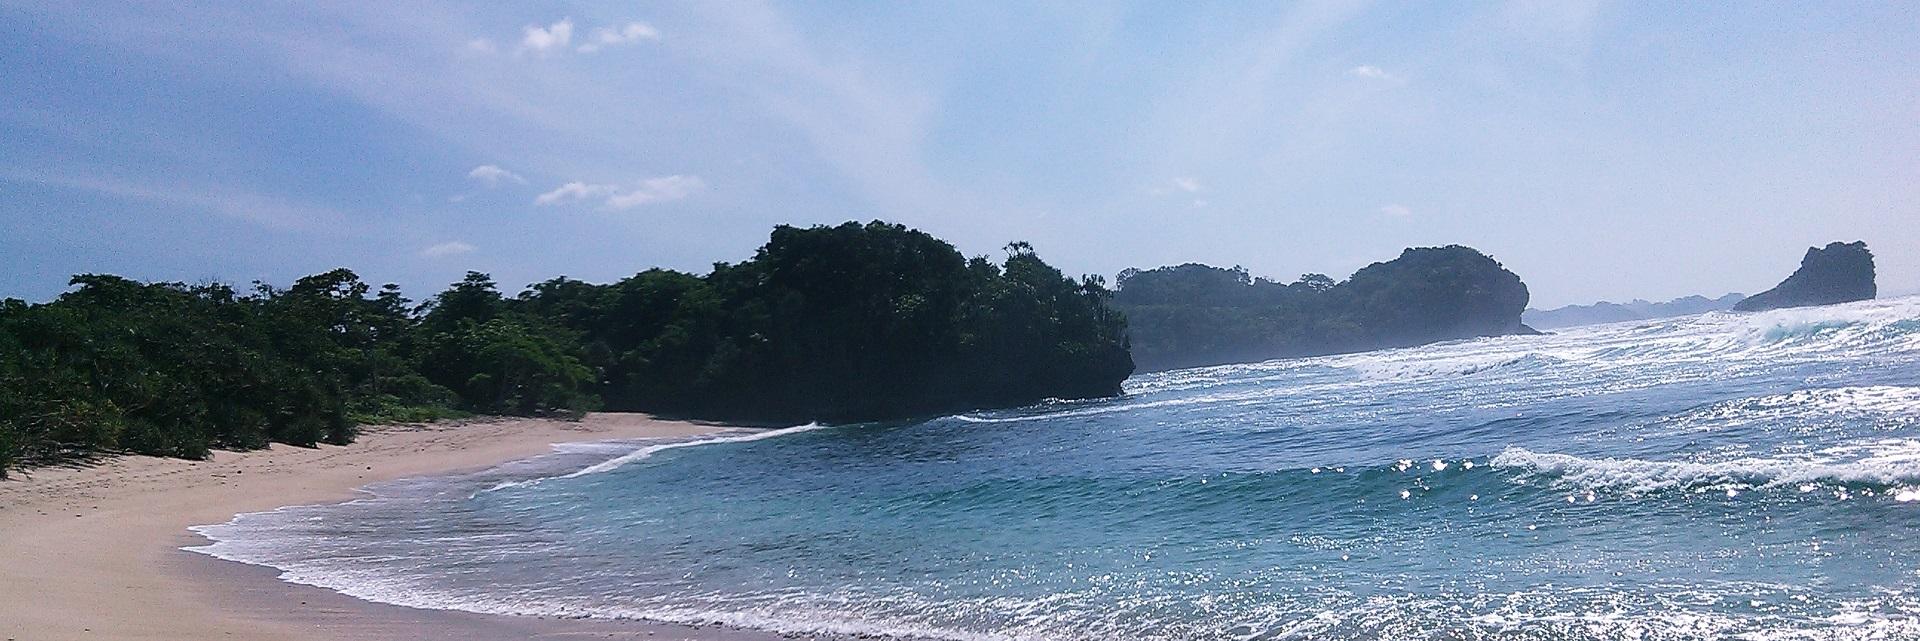 Yuk ke 7 Pantai di Kabupaten Malang Ini! Cuma Sekali Jalan, Kok...